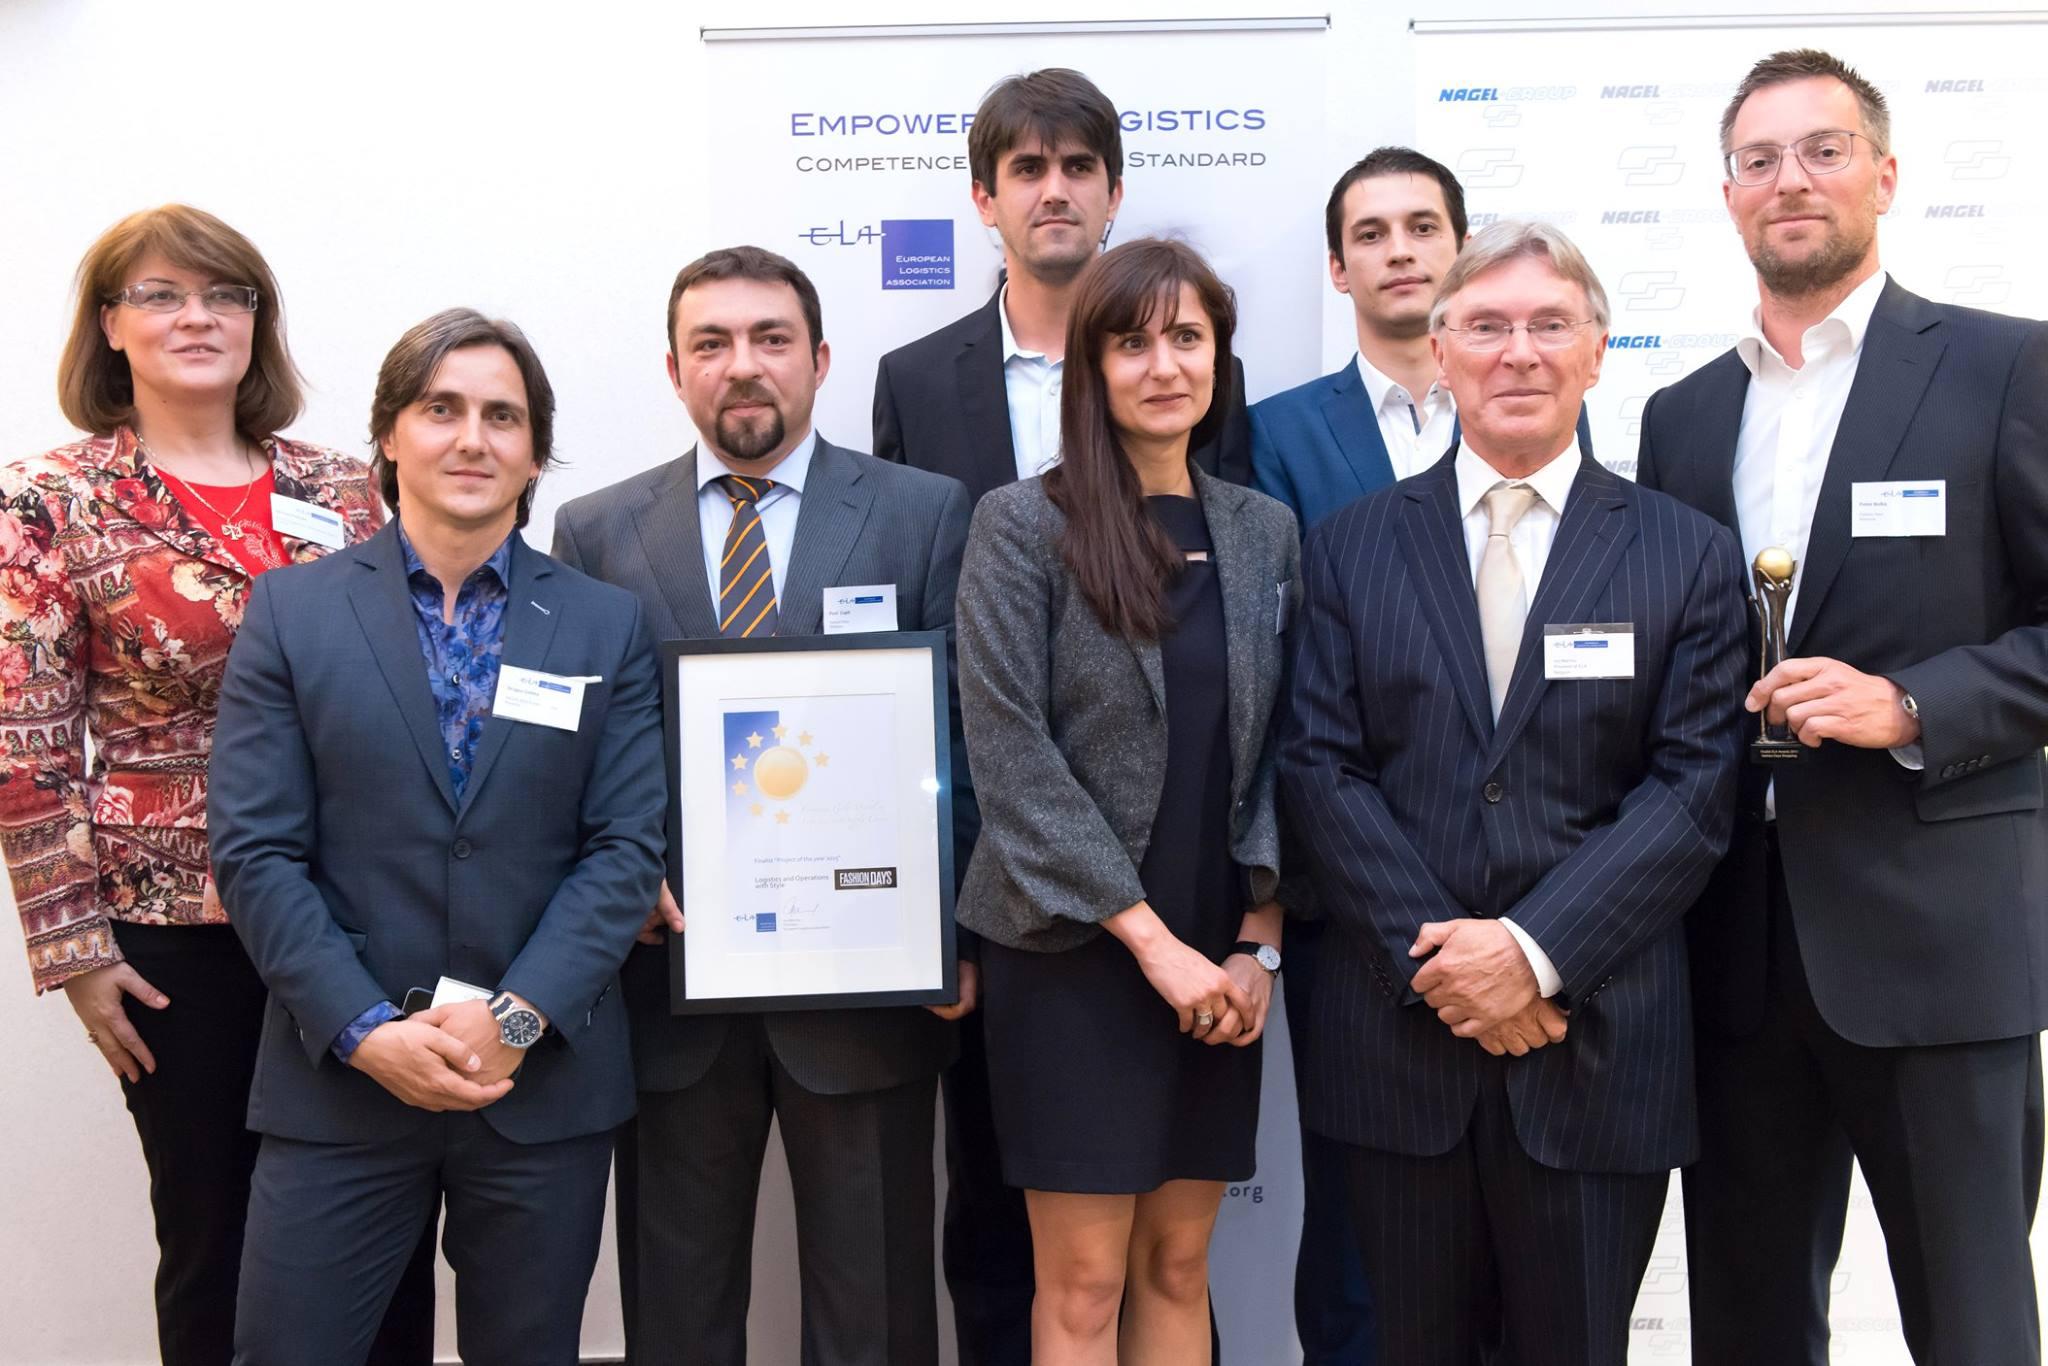 Fashion Days, premiată cu bronz pentru performanțele în logistică și operațiuni  de către Asociația Europeană de Logistică